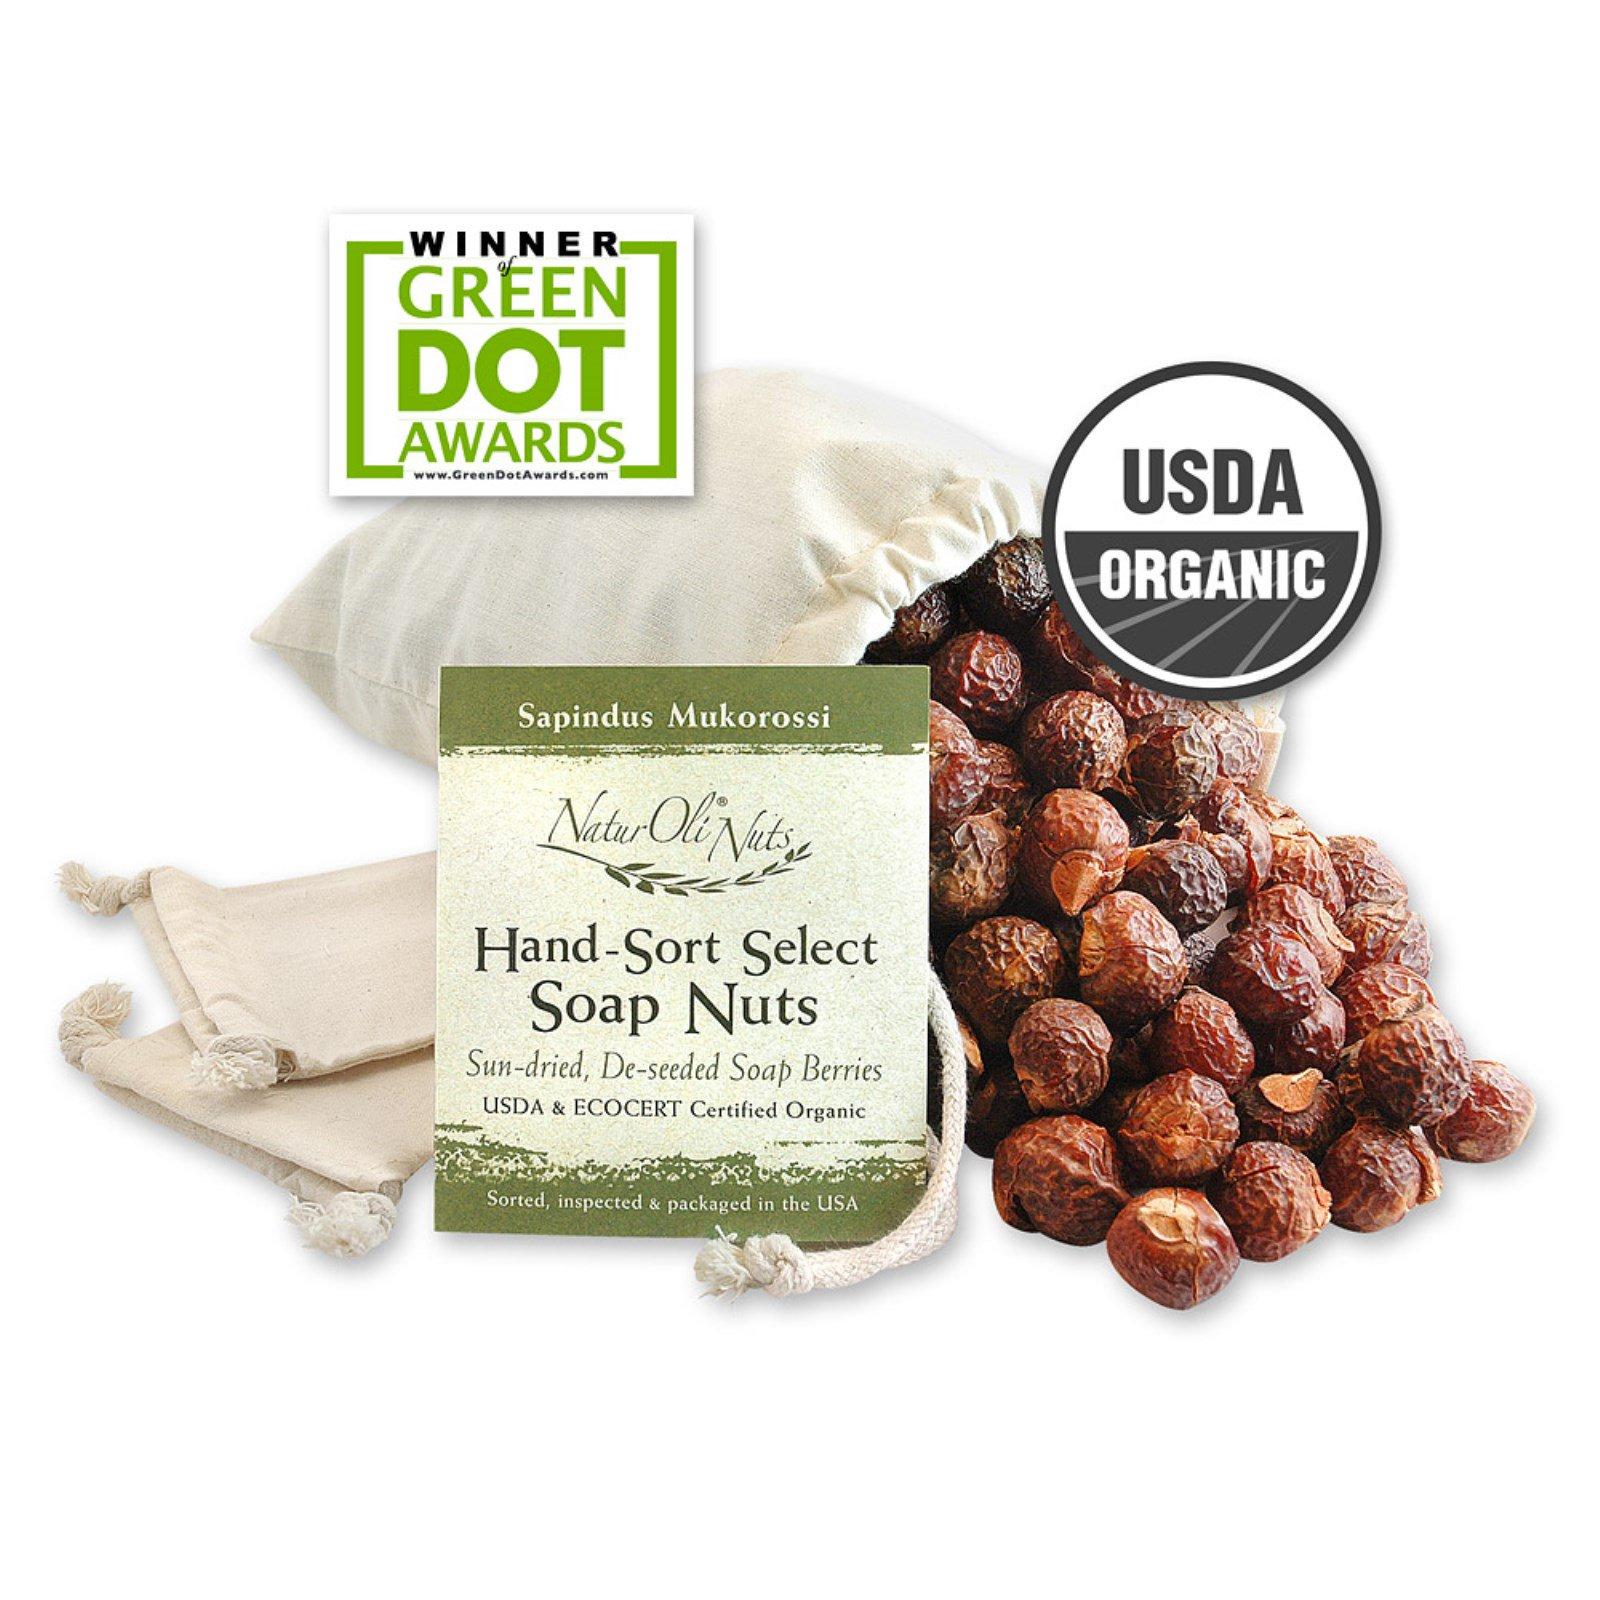 NaturOli, Organic, отобранные вручную мыльные орехи с 2 муслиновыми мешочками на кулиске, 16 унций